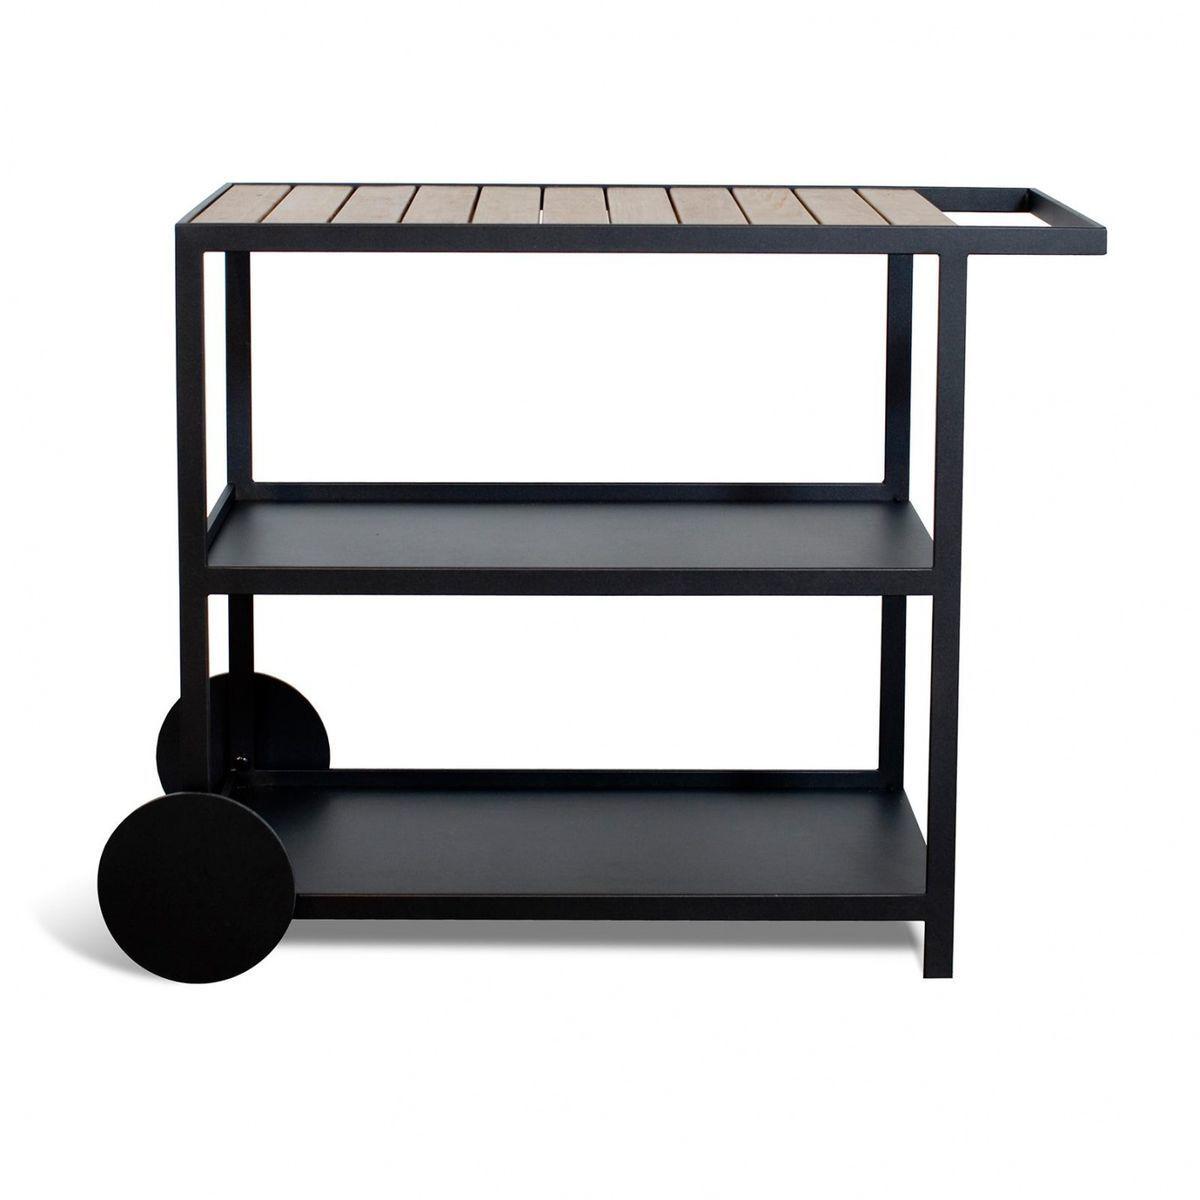 r shults garten servierwagen r shults. Black Bedroom Furniture Sets. Home Design Ideas